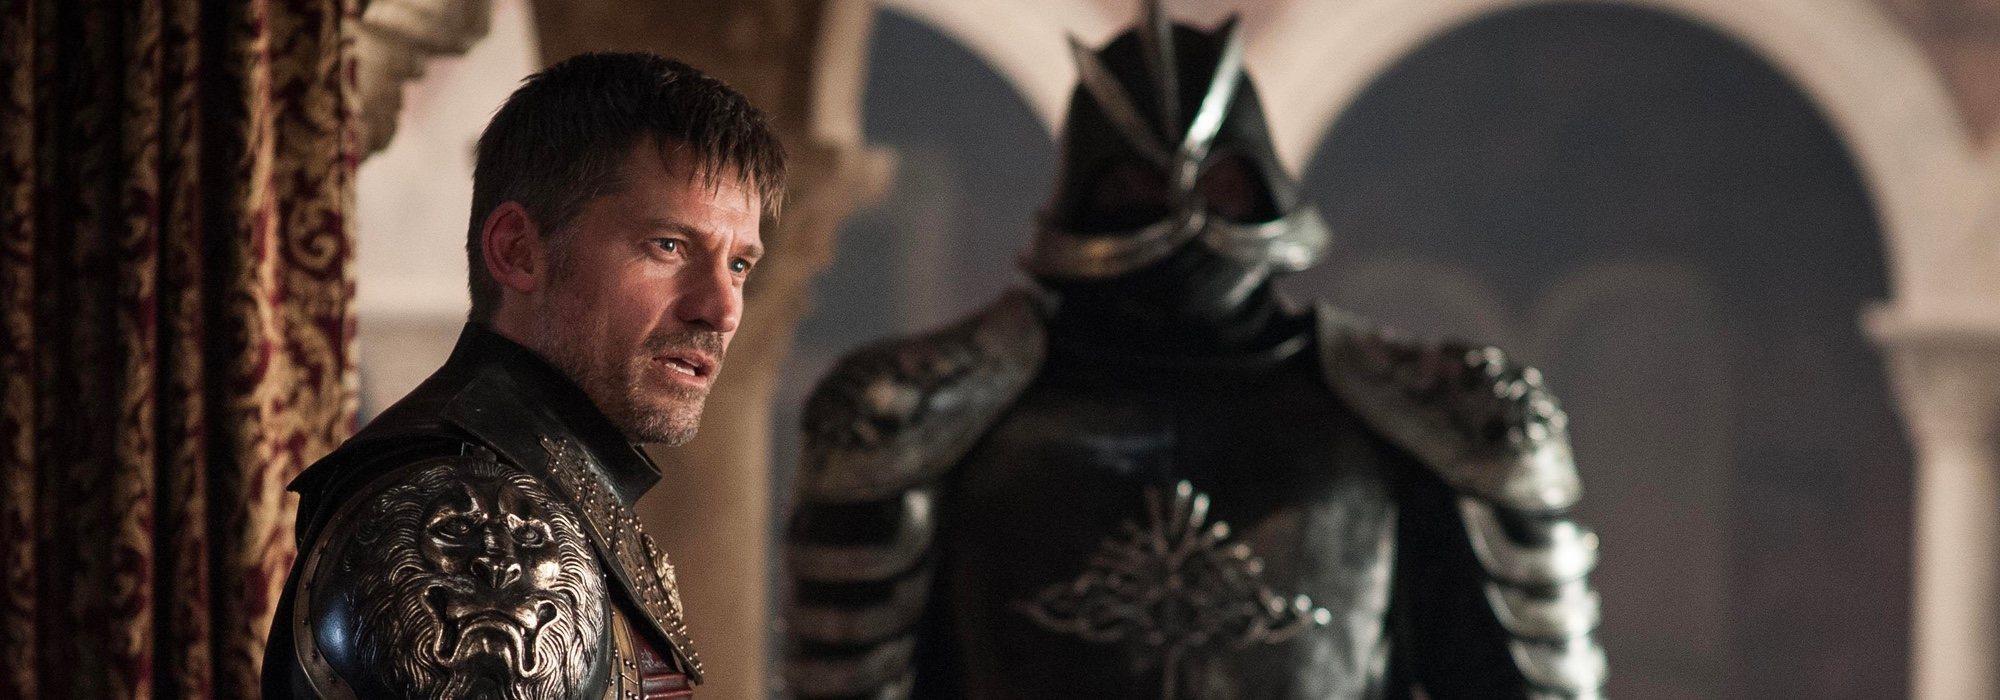 La muerte de Jaime Lannister en 'Juego de tronos', ¿a favor o en contra?